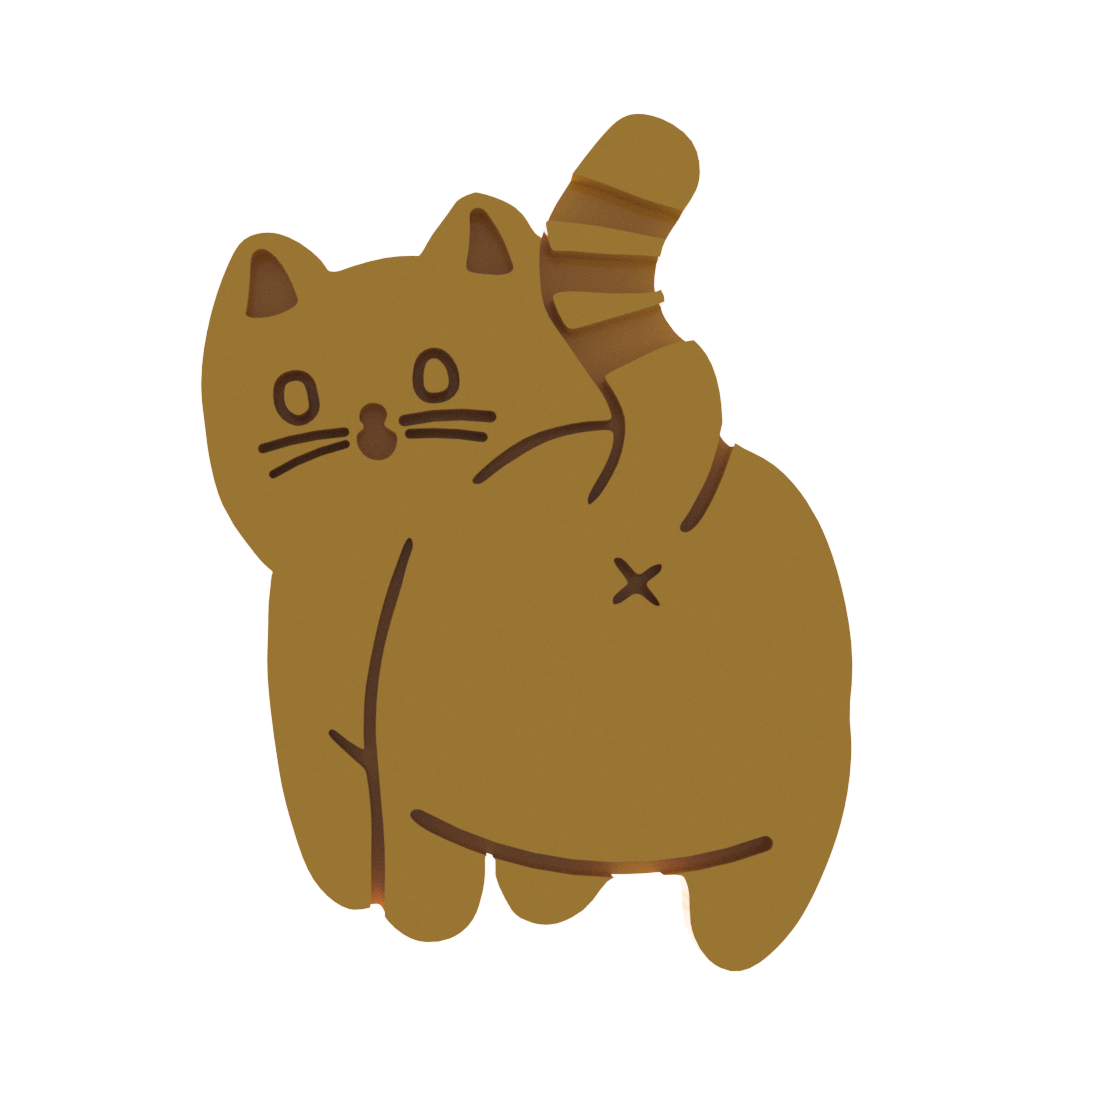 cat butt 3 v1.png Télécharger fichier STL Coupe-biscuits en forme de fesses de chat V3 (version commerciale) • Design à imprimer en 3D, dwain